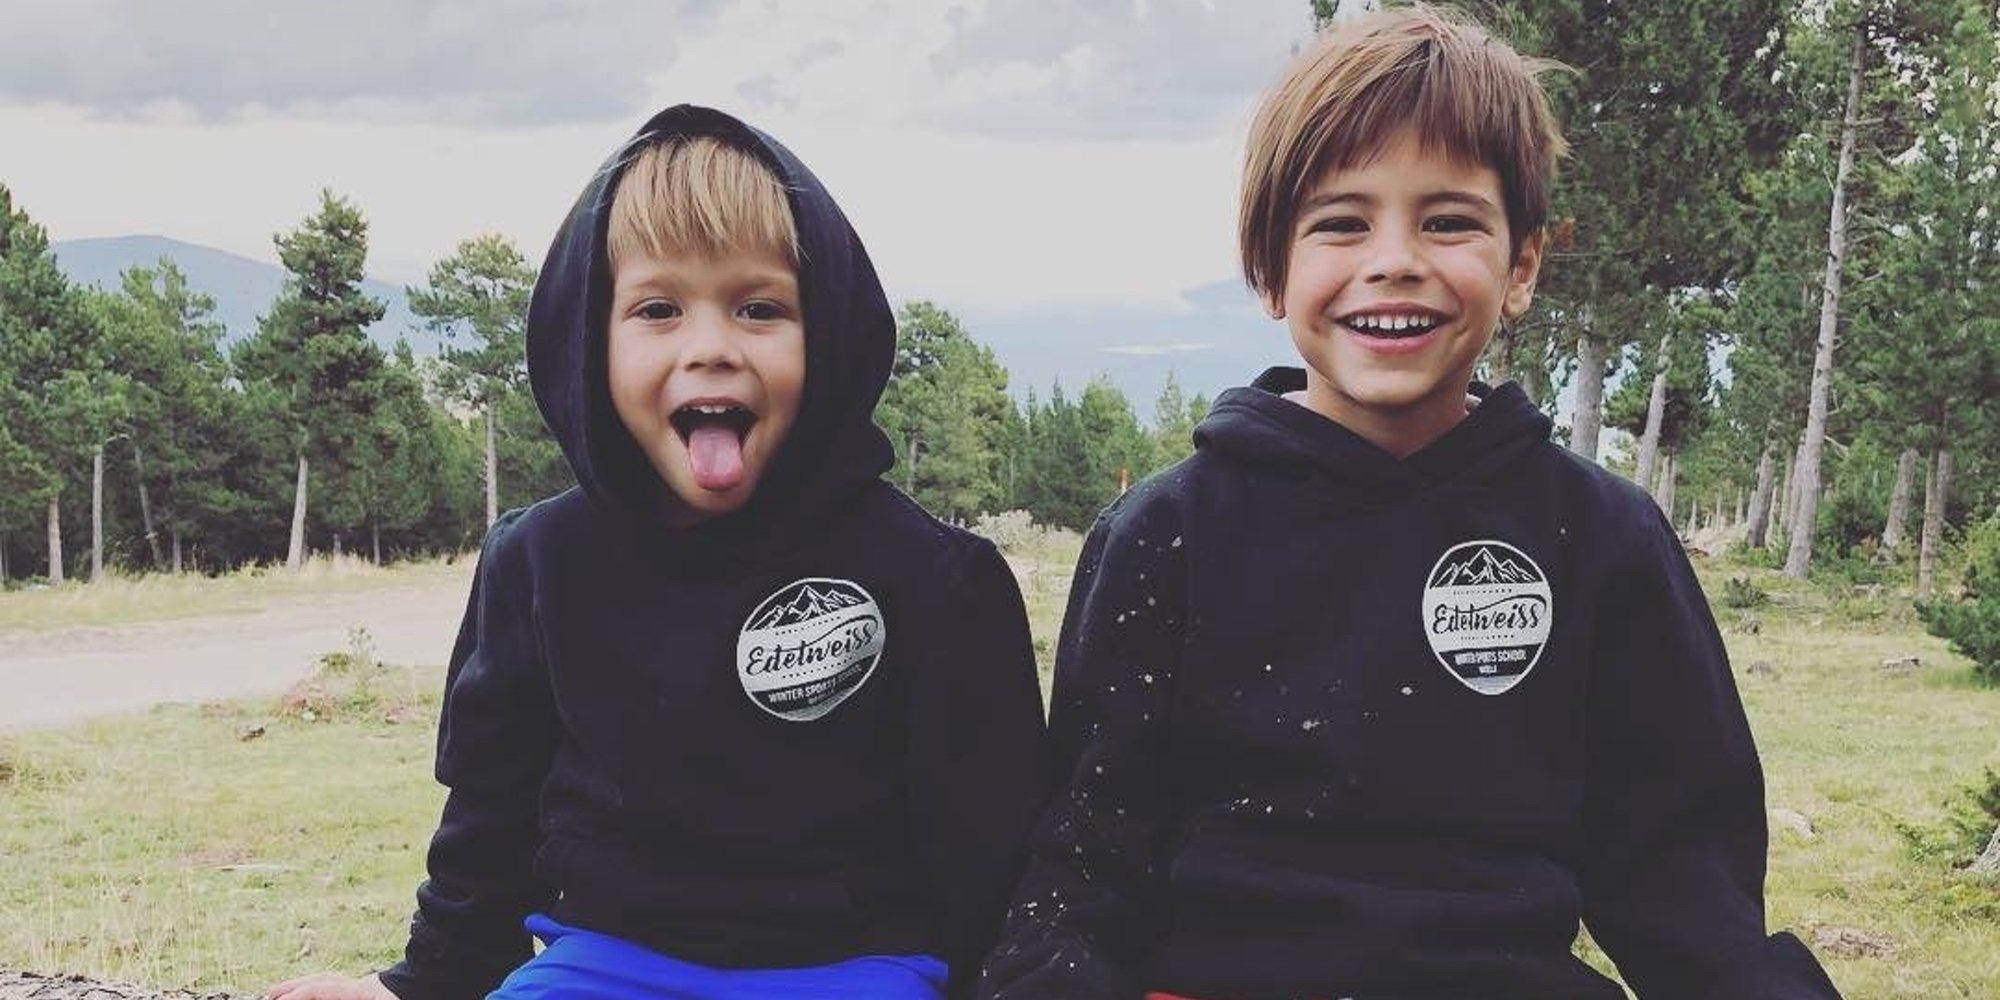 Milan y Sasha Piqué apoyan a un equipo que no es el de su padre Gerard Piqué